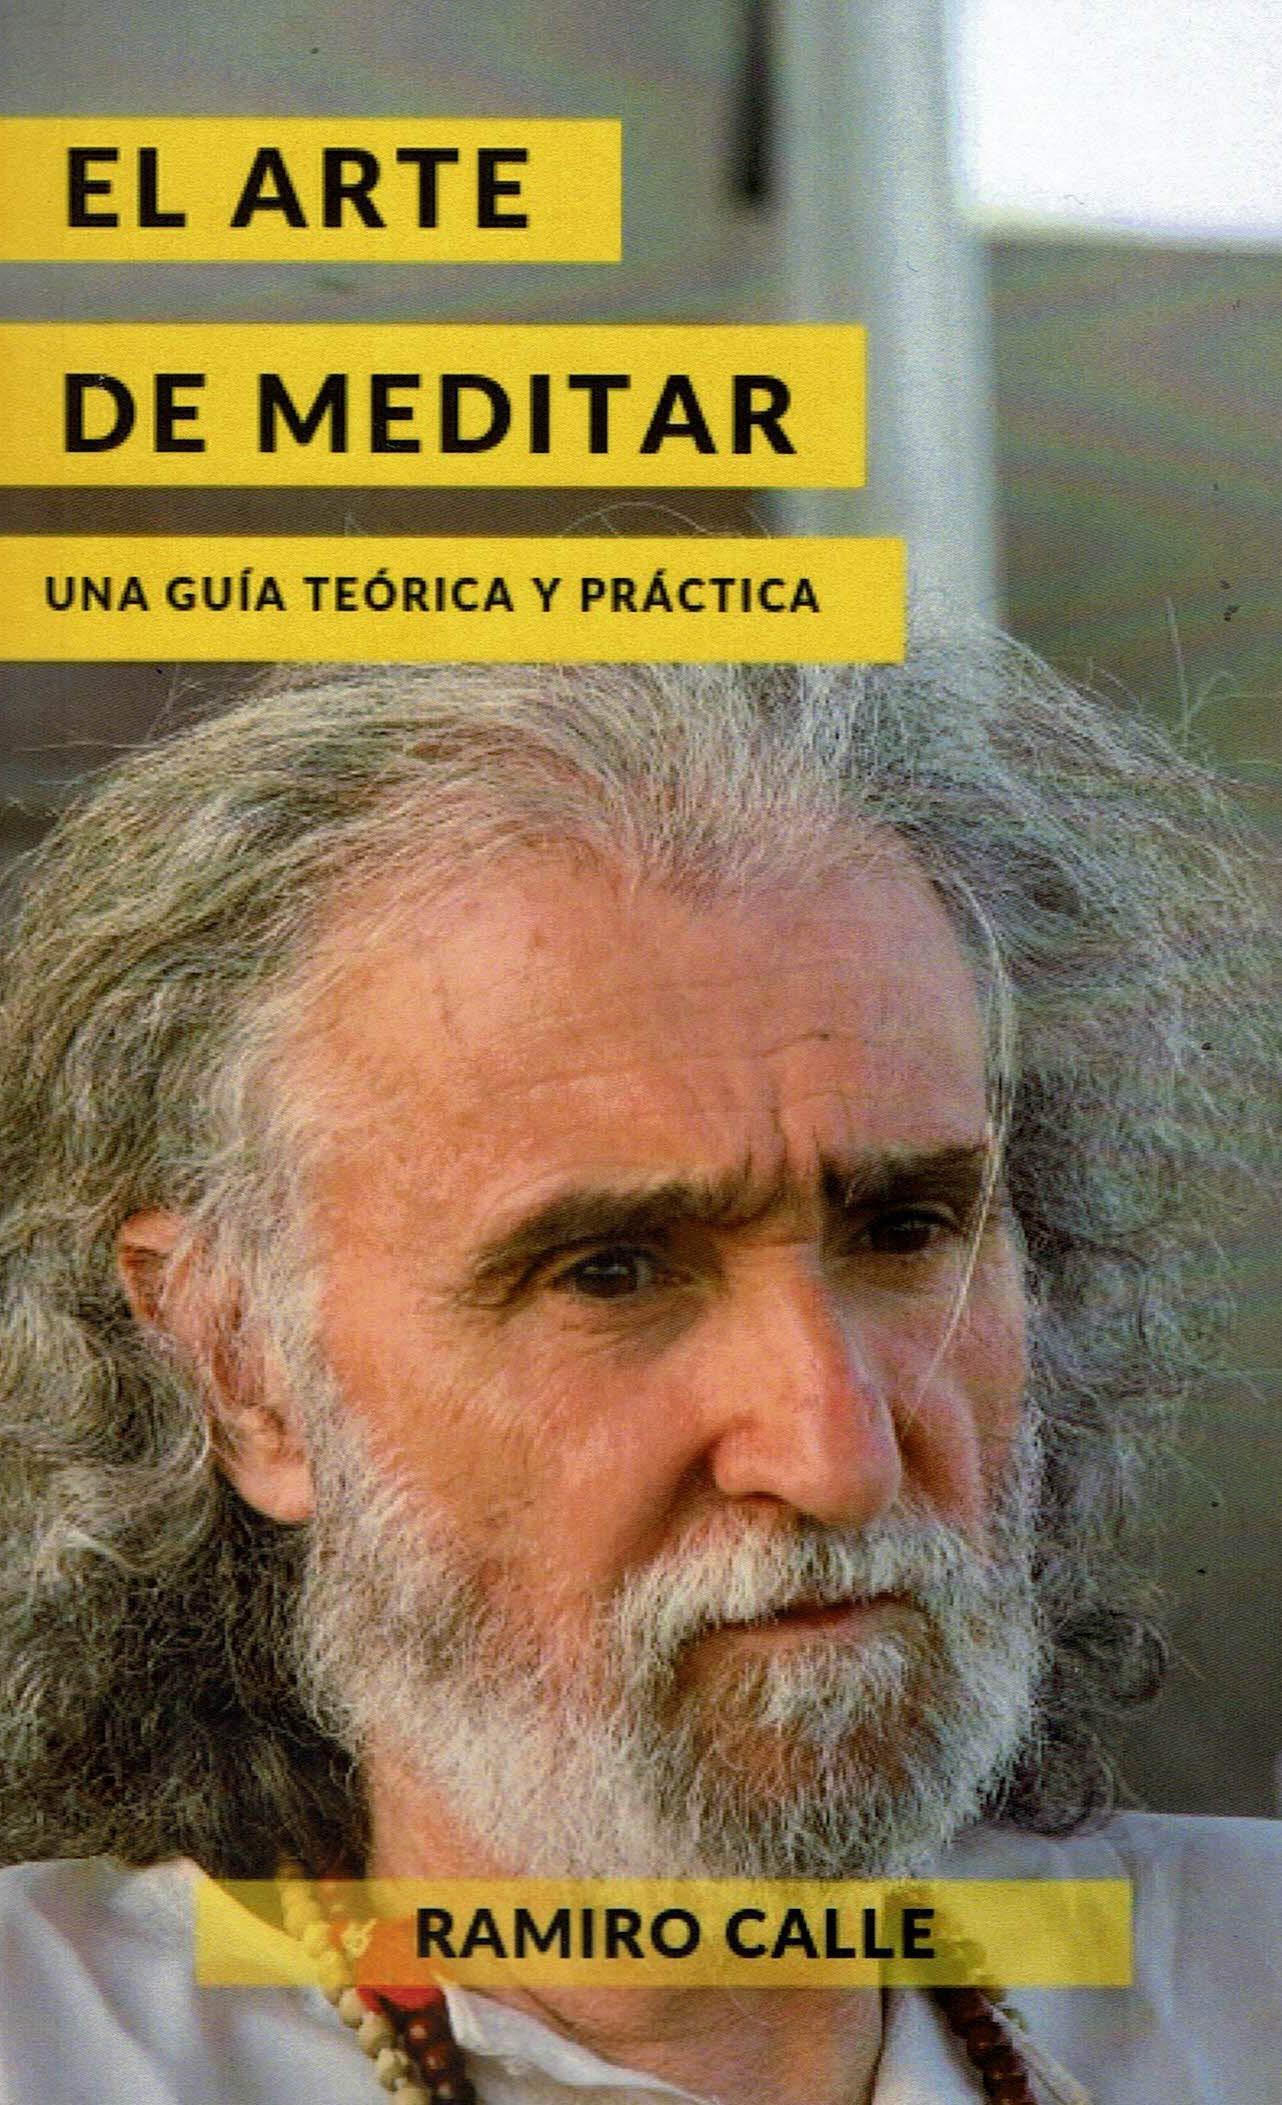 EL ARTE DE MEDITAR: Amazon.es: Ramiro Calle: Libros